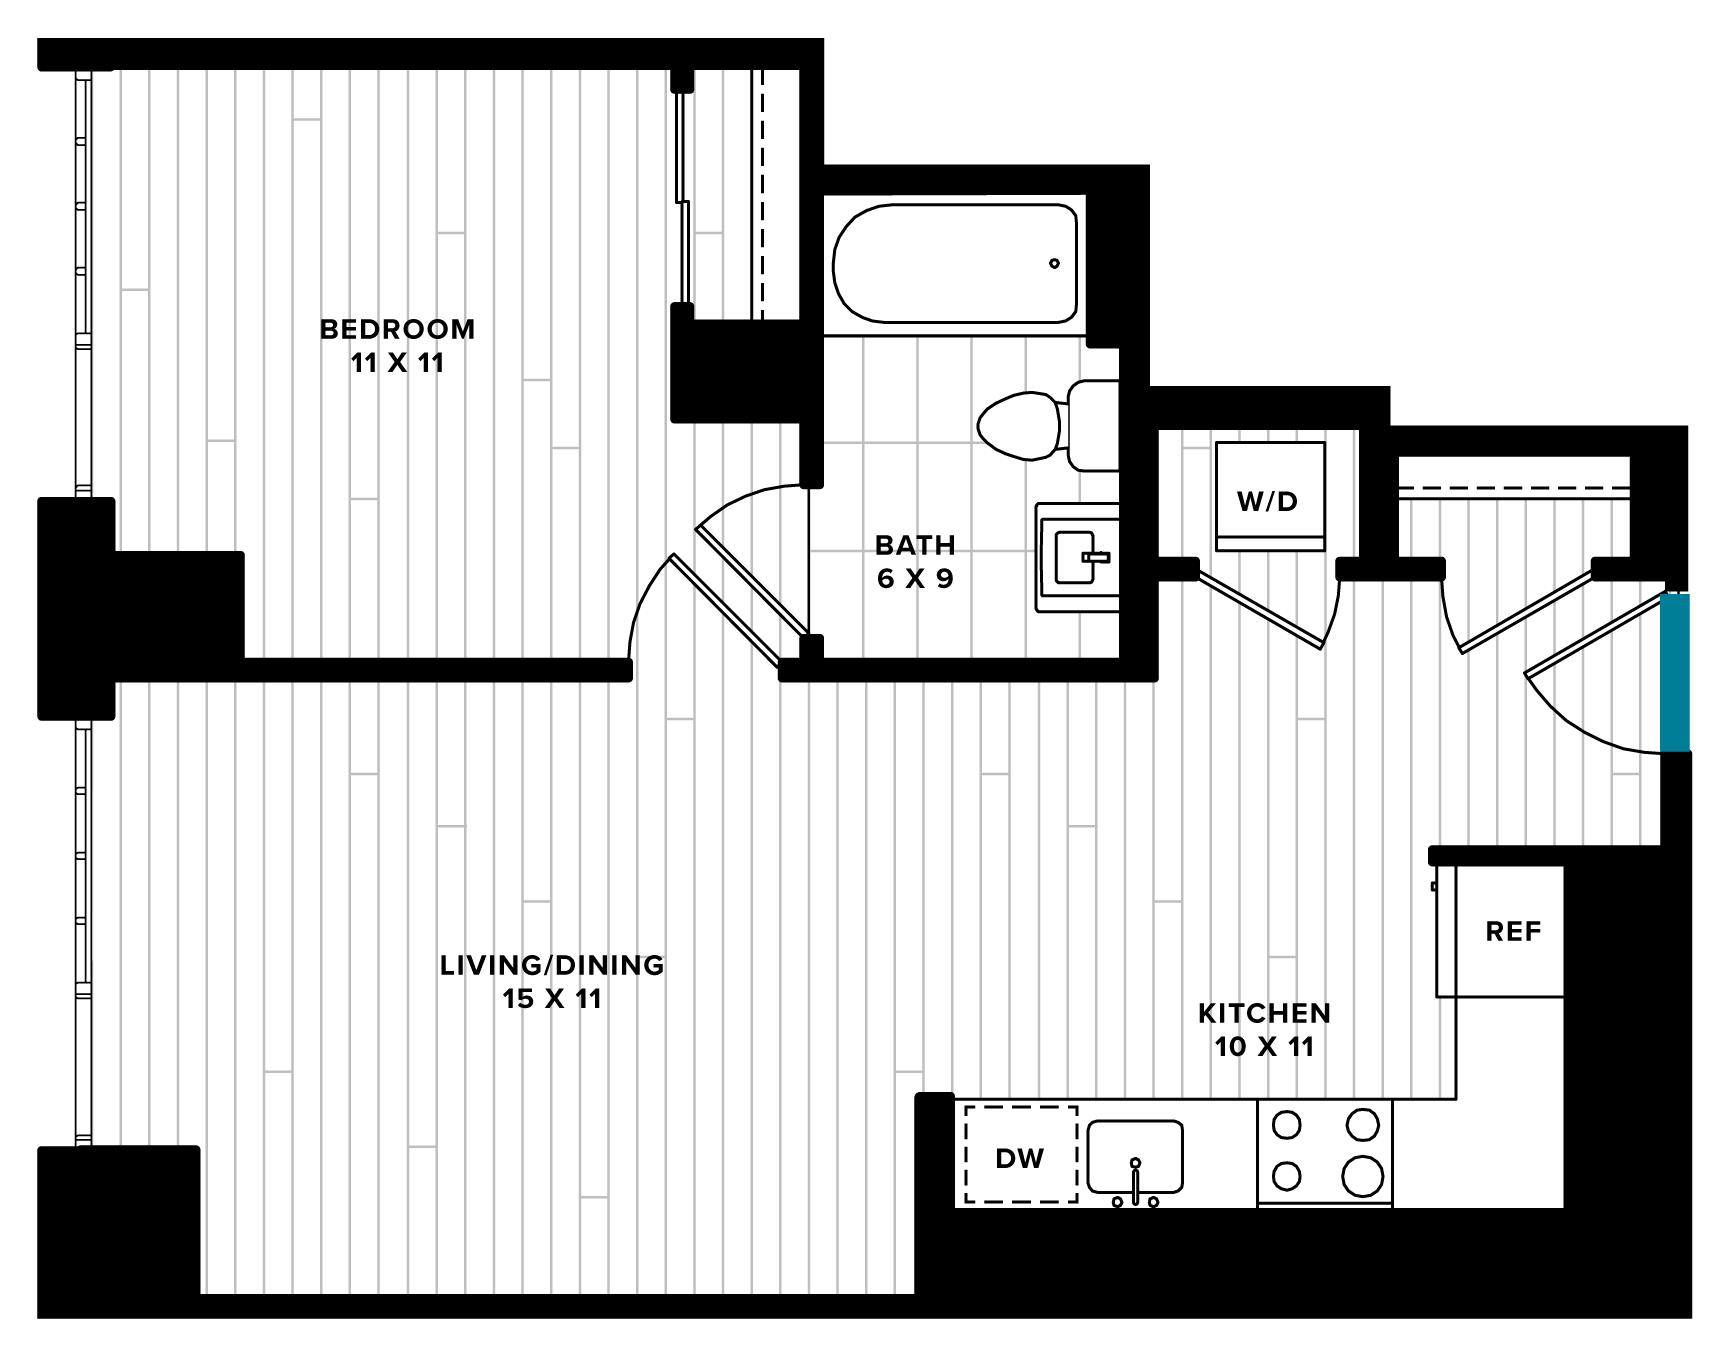 floorplan image of unit 0817